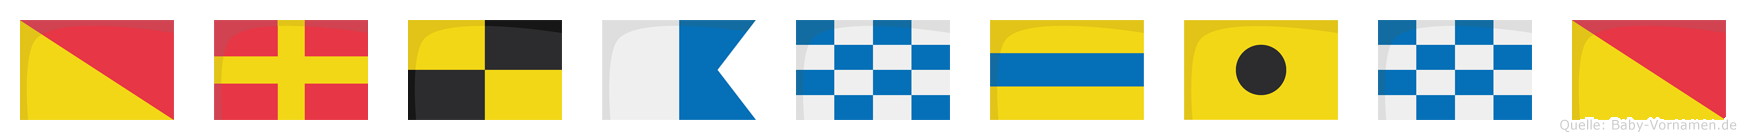 Orlandino im Flaggenalphabet